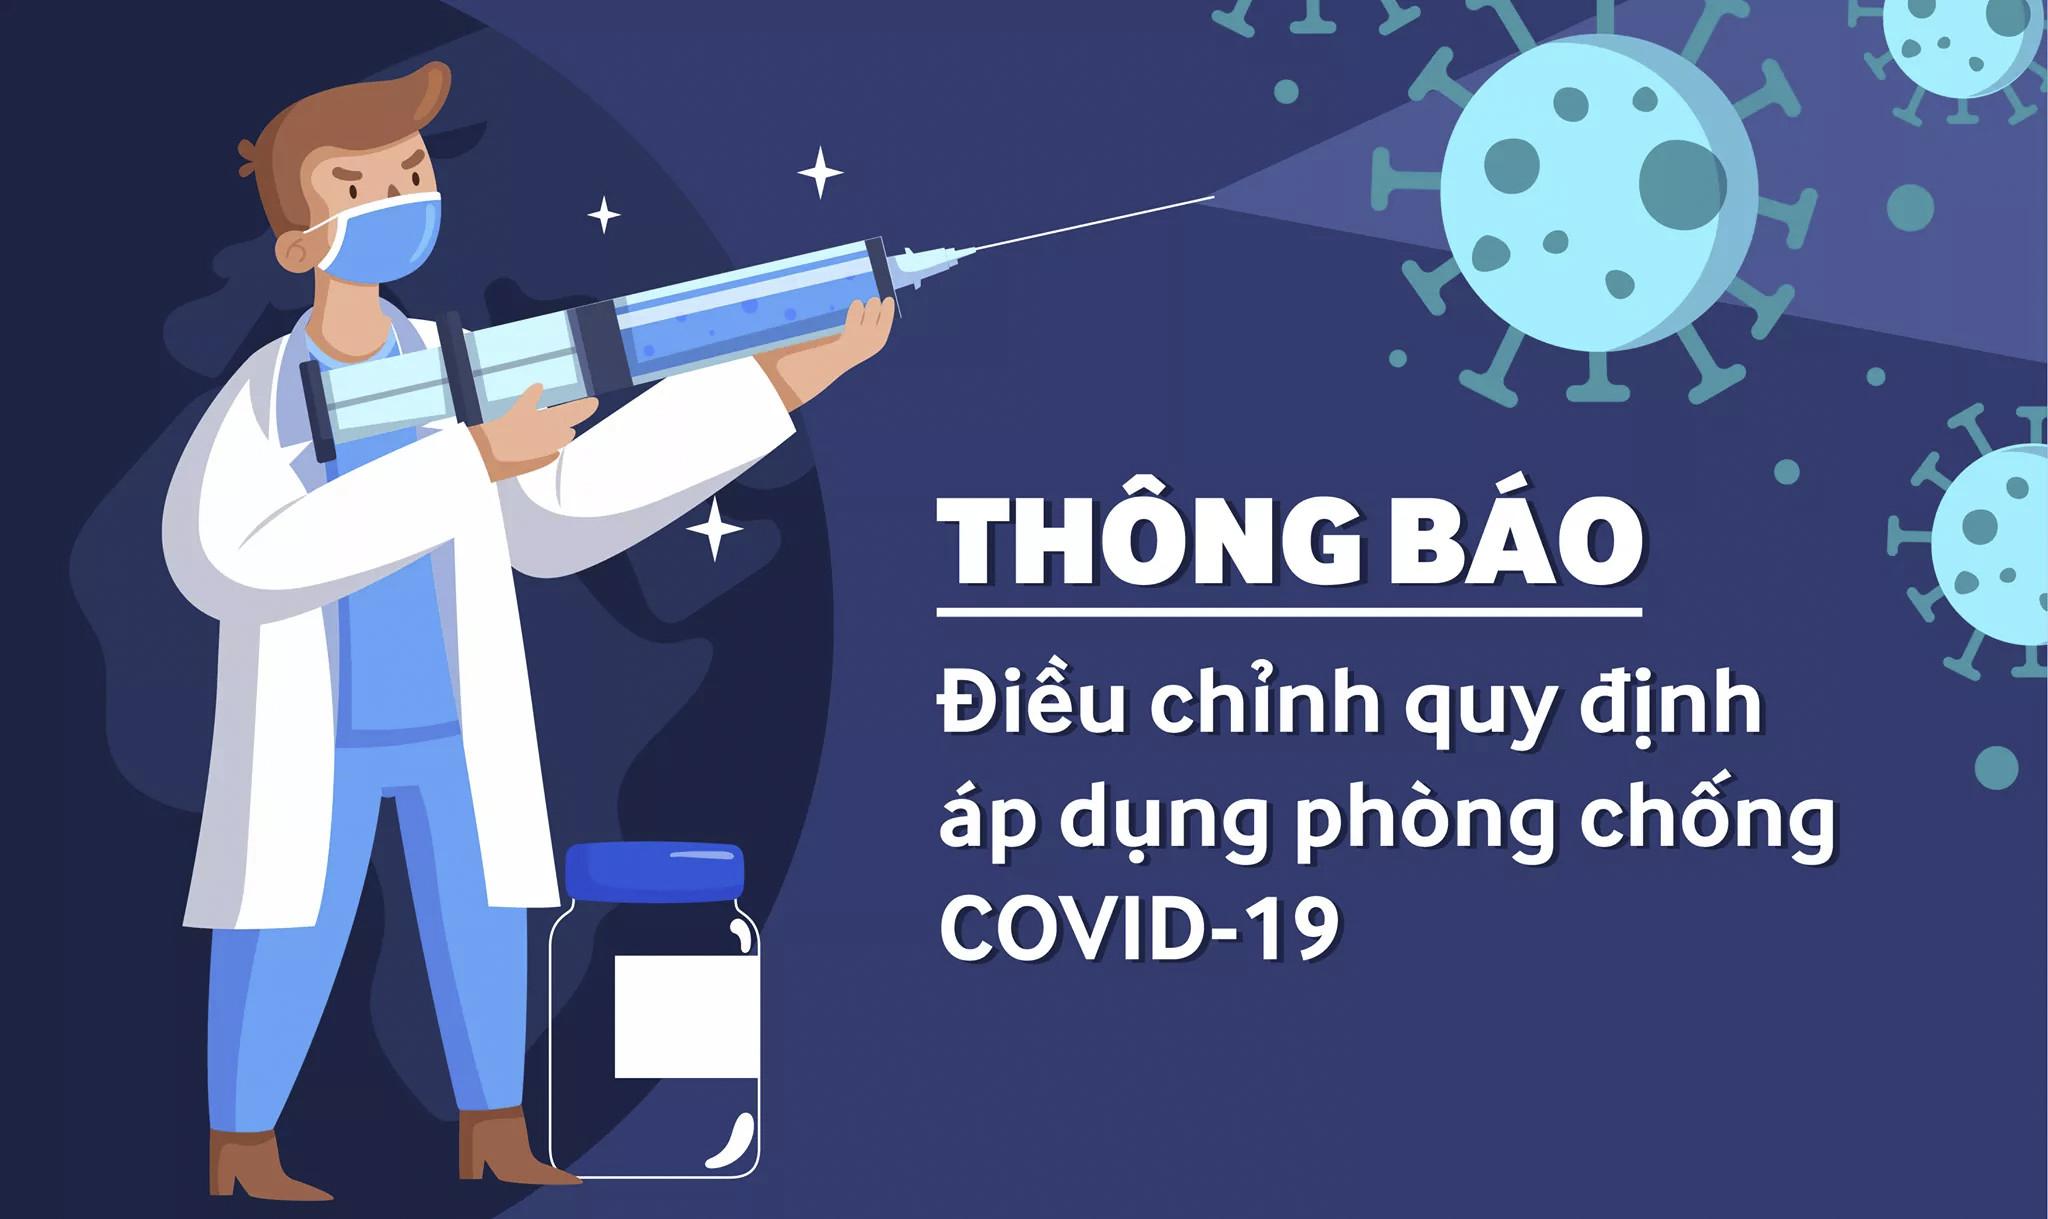 [Thông báo: Điều chỉnh quy định phòng chống dịch Covid-19]